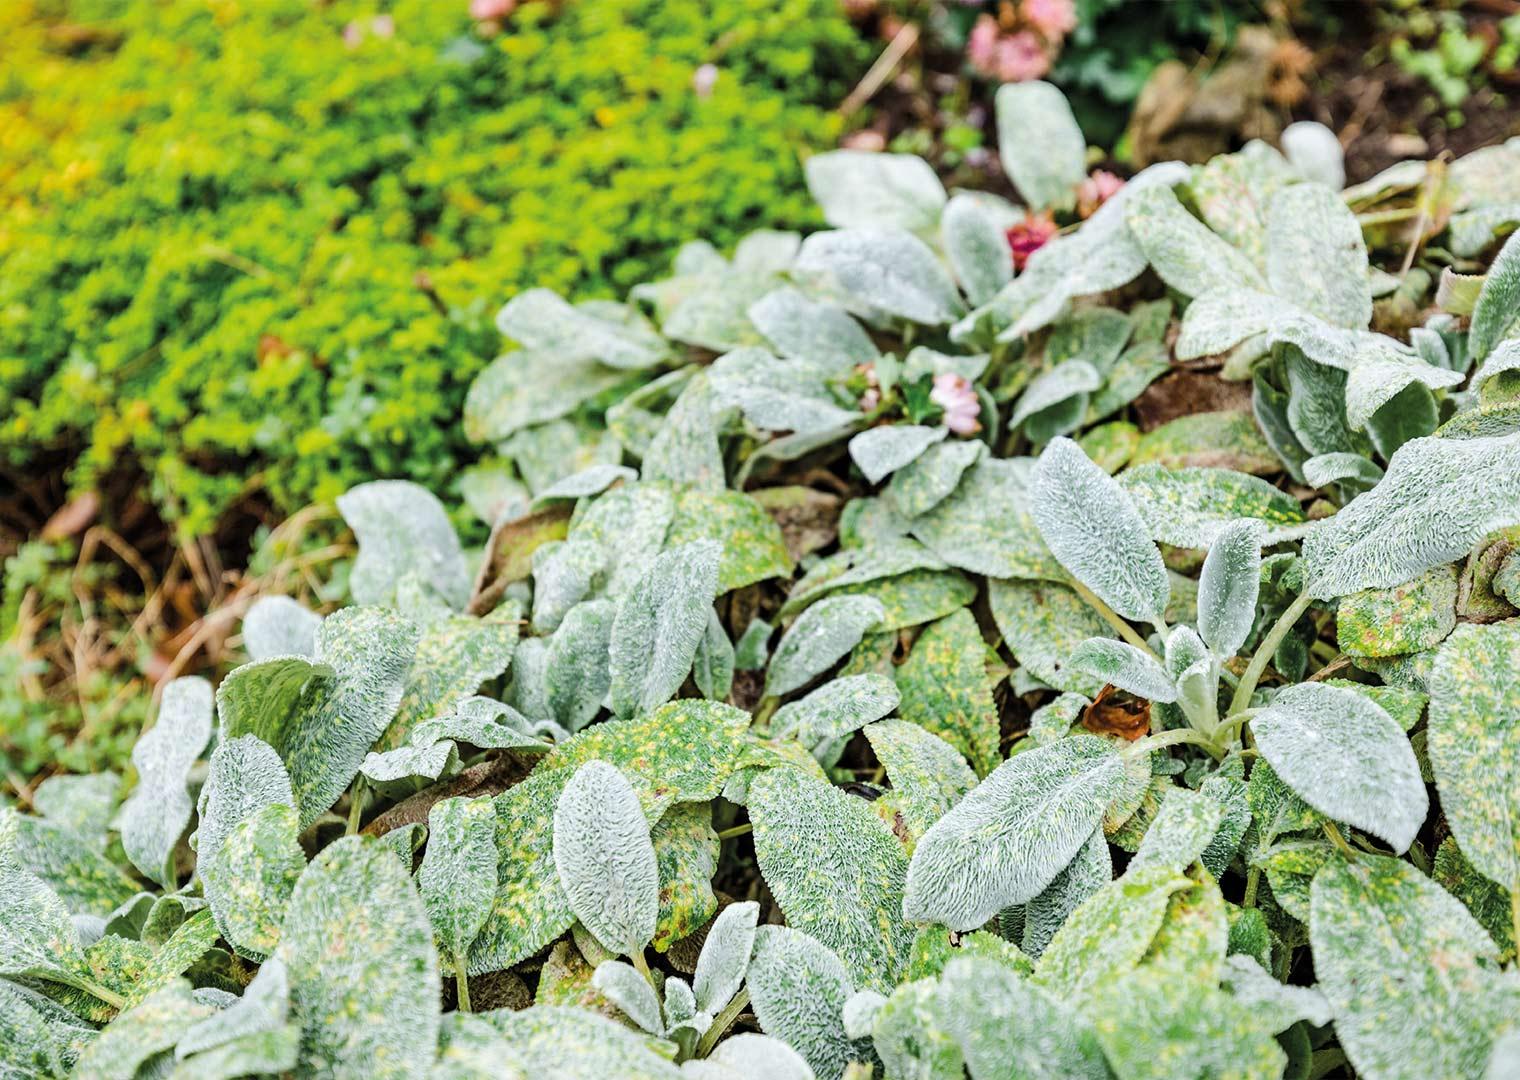 Link zur Bilddatei: menke_galabau_bochum_galeriebild_gartengestaltung_blumenbeete_bepflanzung